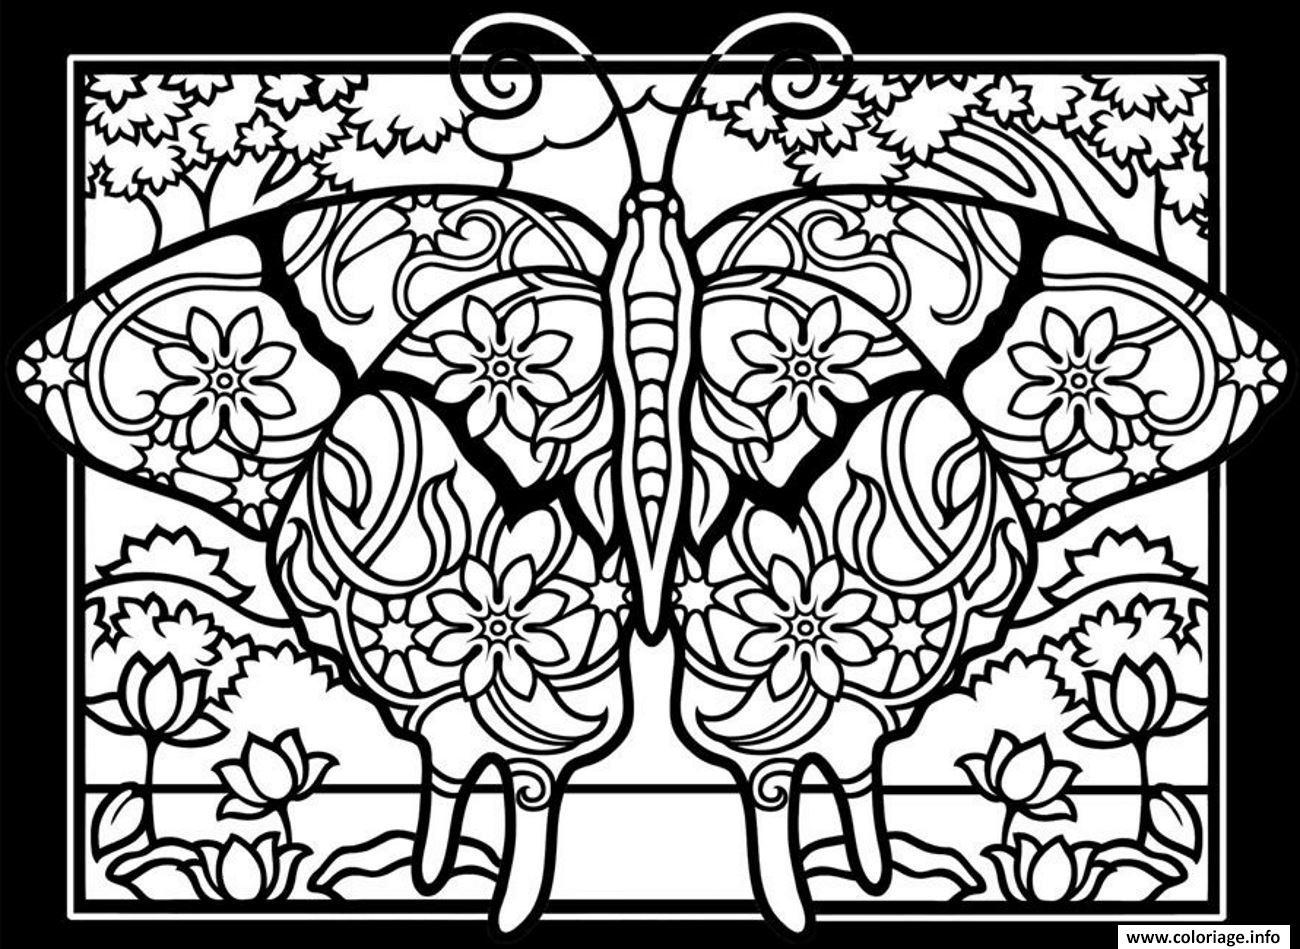 Coloriage Adulte Difficile Papillon Fond Noir Dessin encequiconcerne Dessin Papillon À Colorier